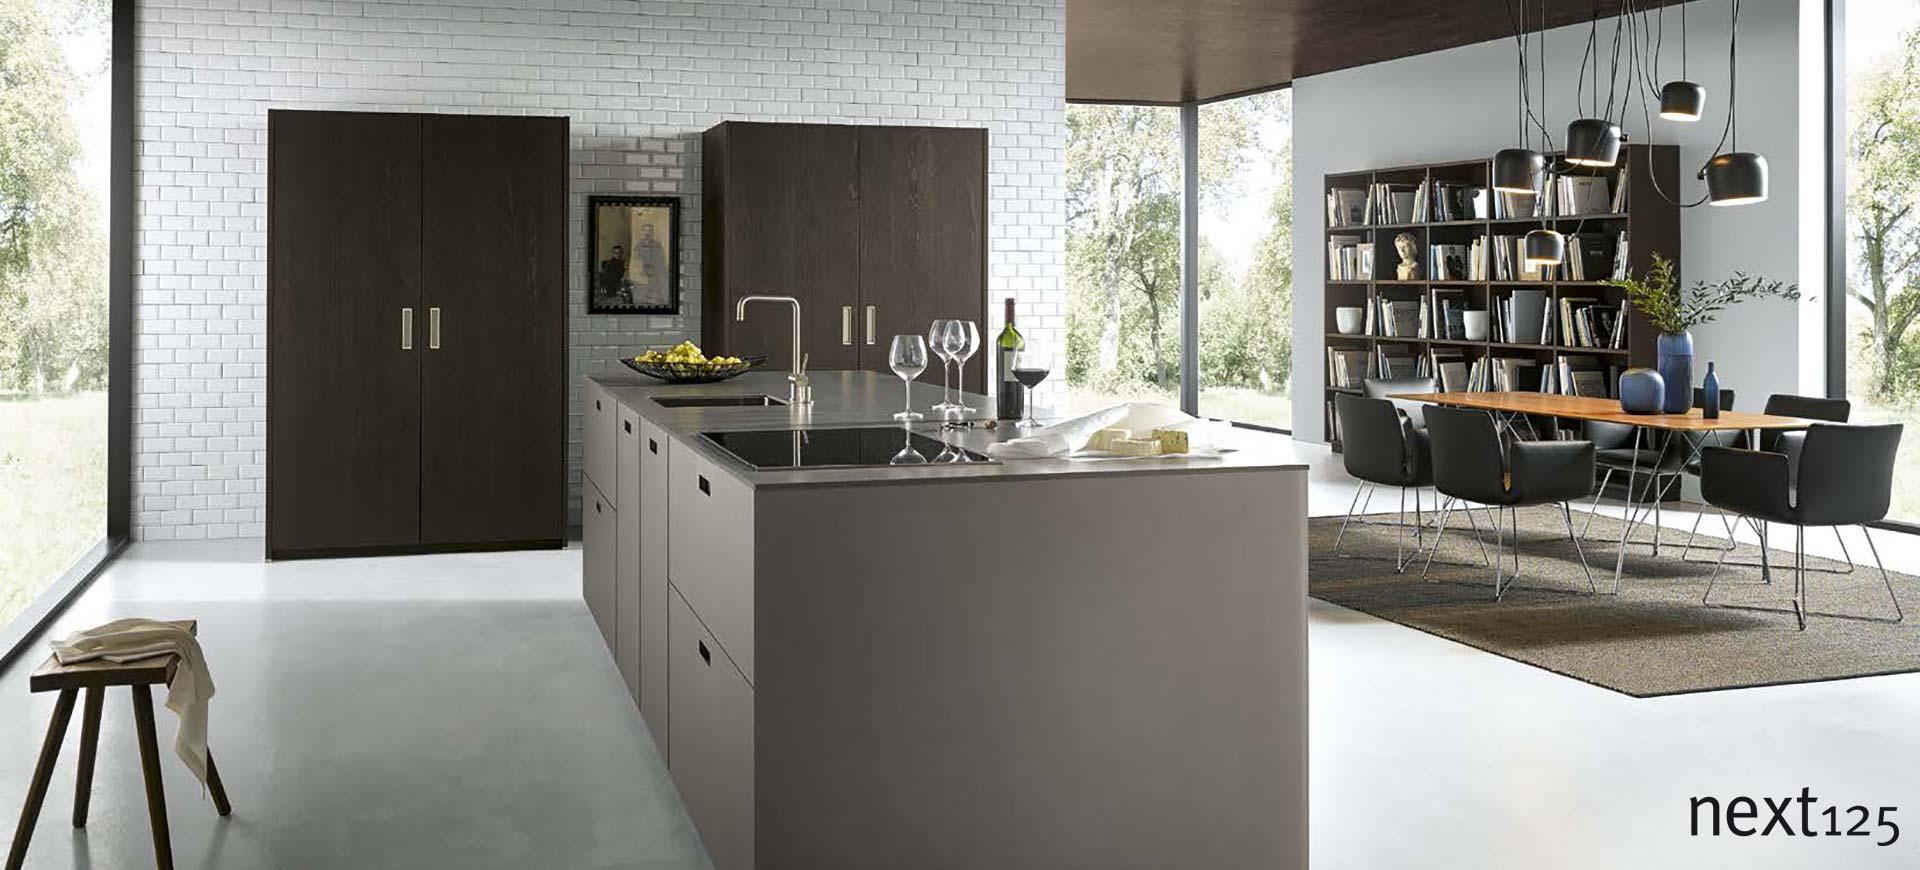 kchenstudio delmenhorst cheap ideen ab kchen rahden und tolle kche ab with kchenstudio. Black Bedroom Furniture Sets. Home Design Ideas